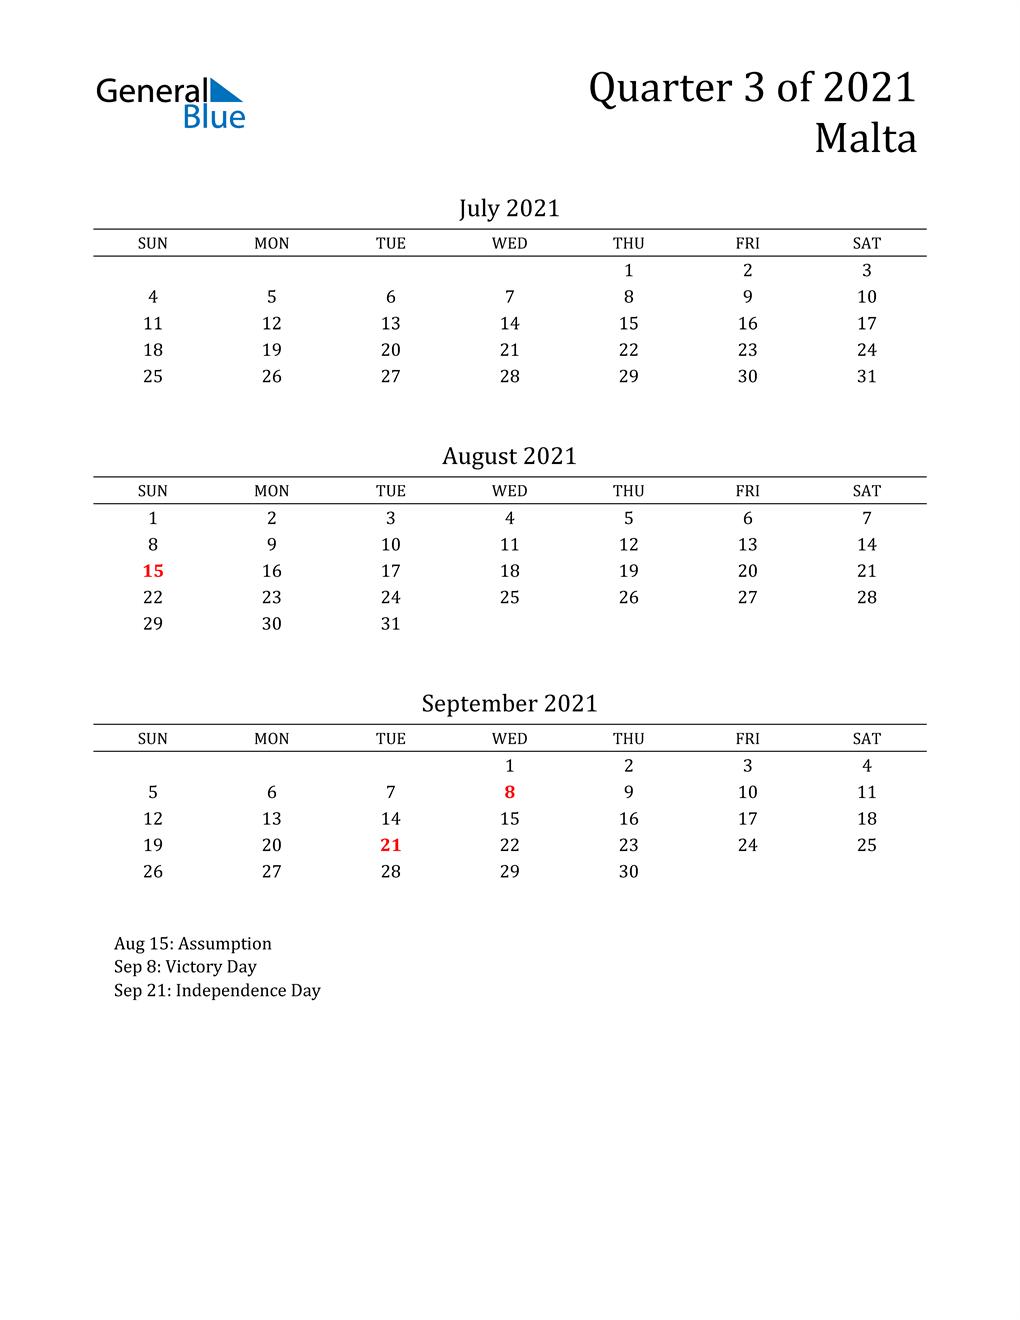 2021 Malta Quarterly Calendar